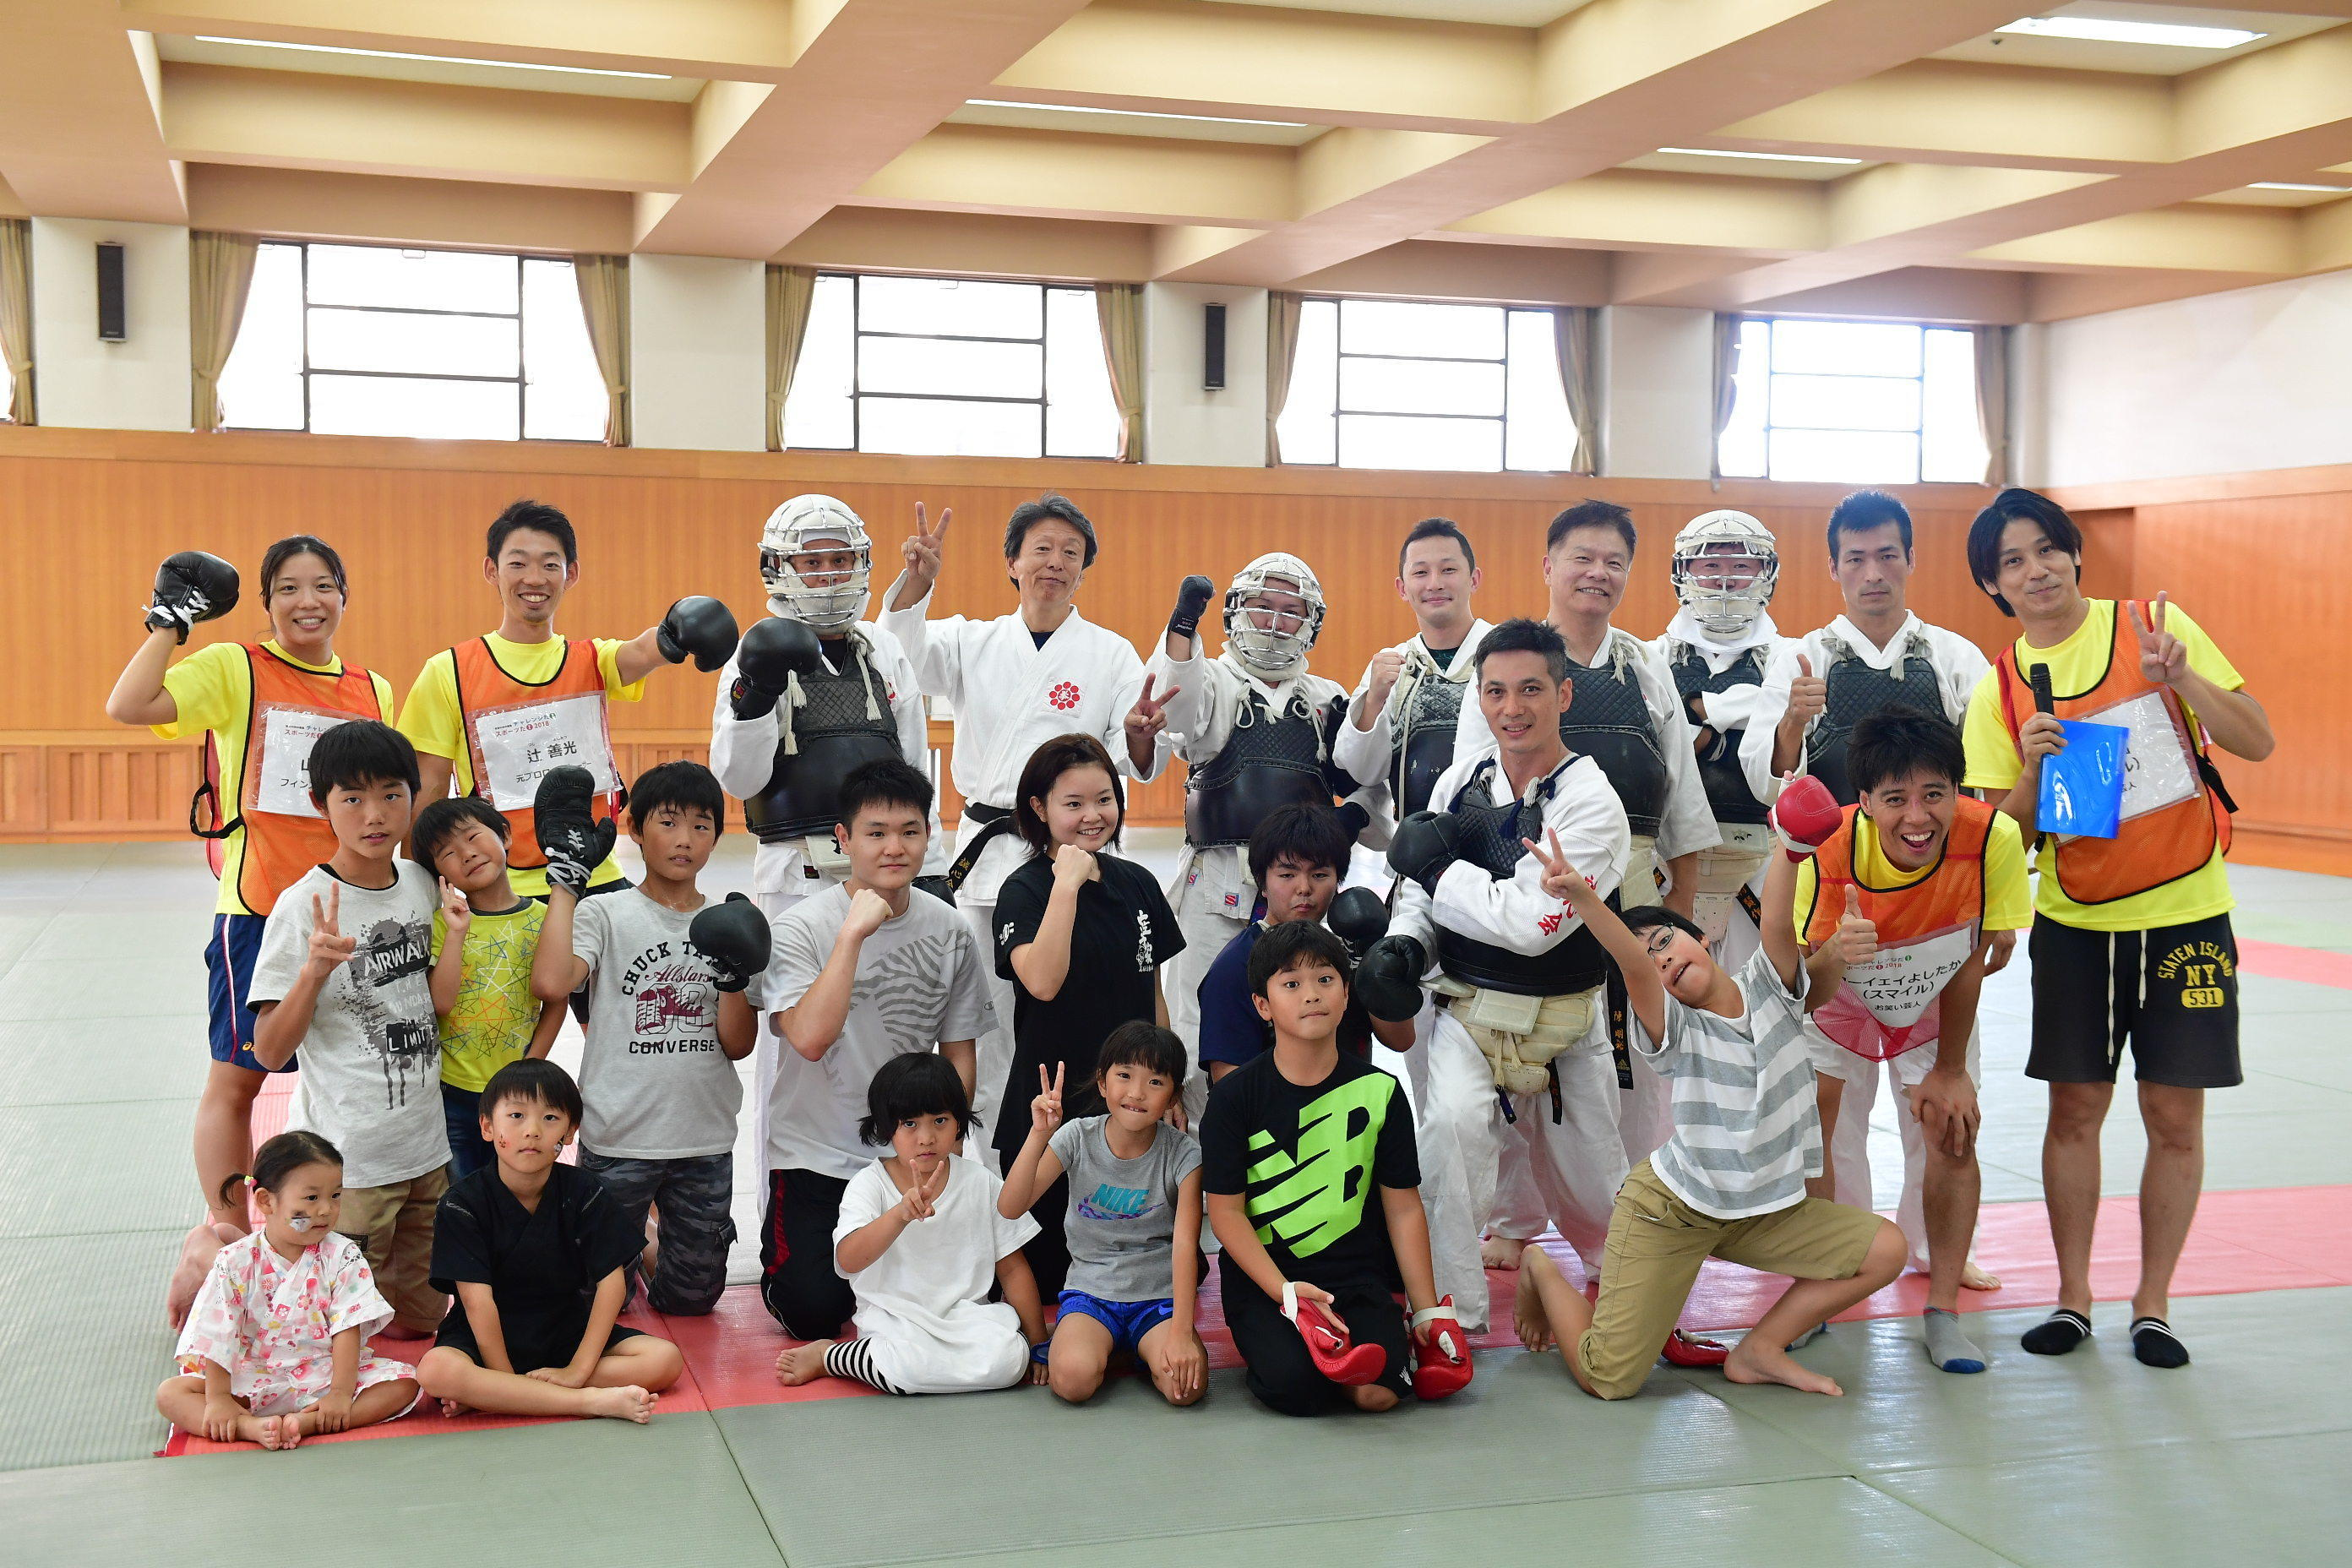 http://news.yoshimoto.co.jp/20181008192413-91ffc4a0dfc46a146aea64cff43a3a69d05e5e89.jpg